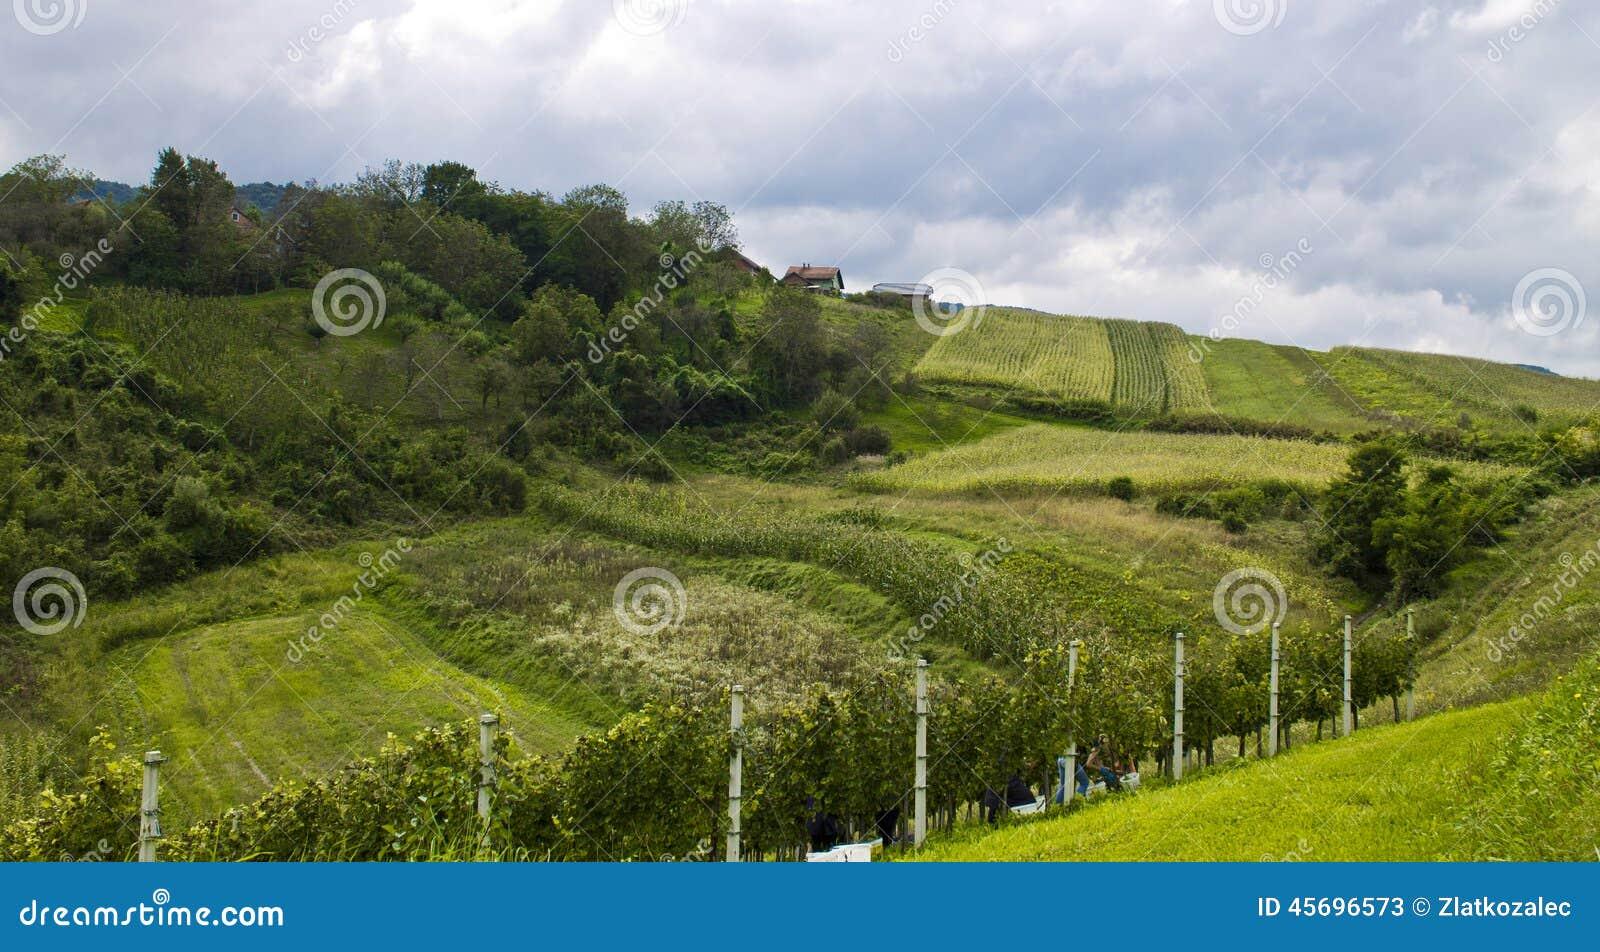 Wzgórza i łąki